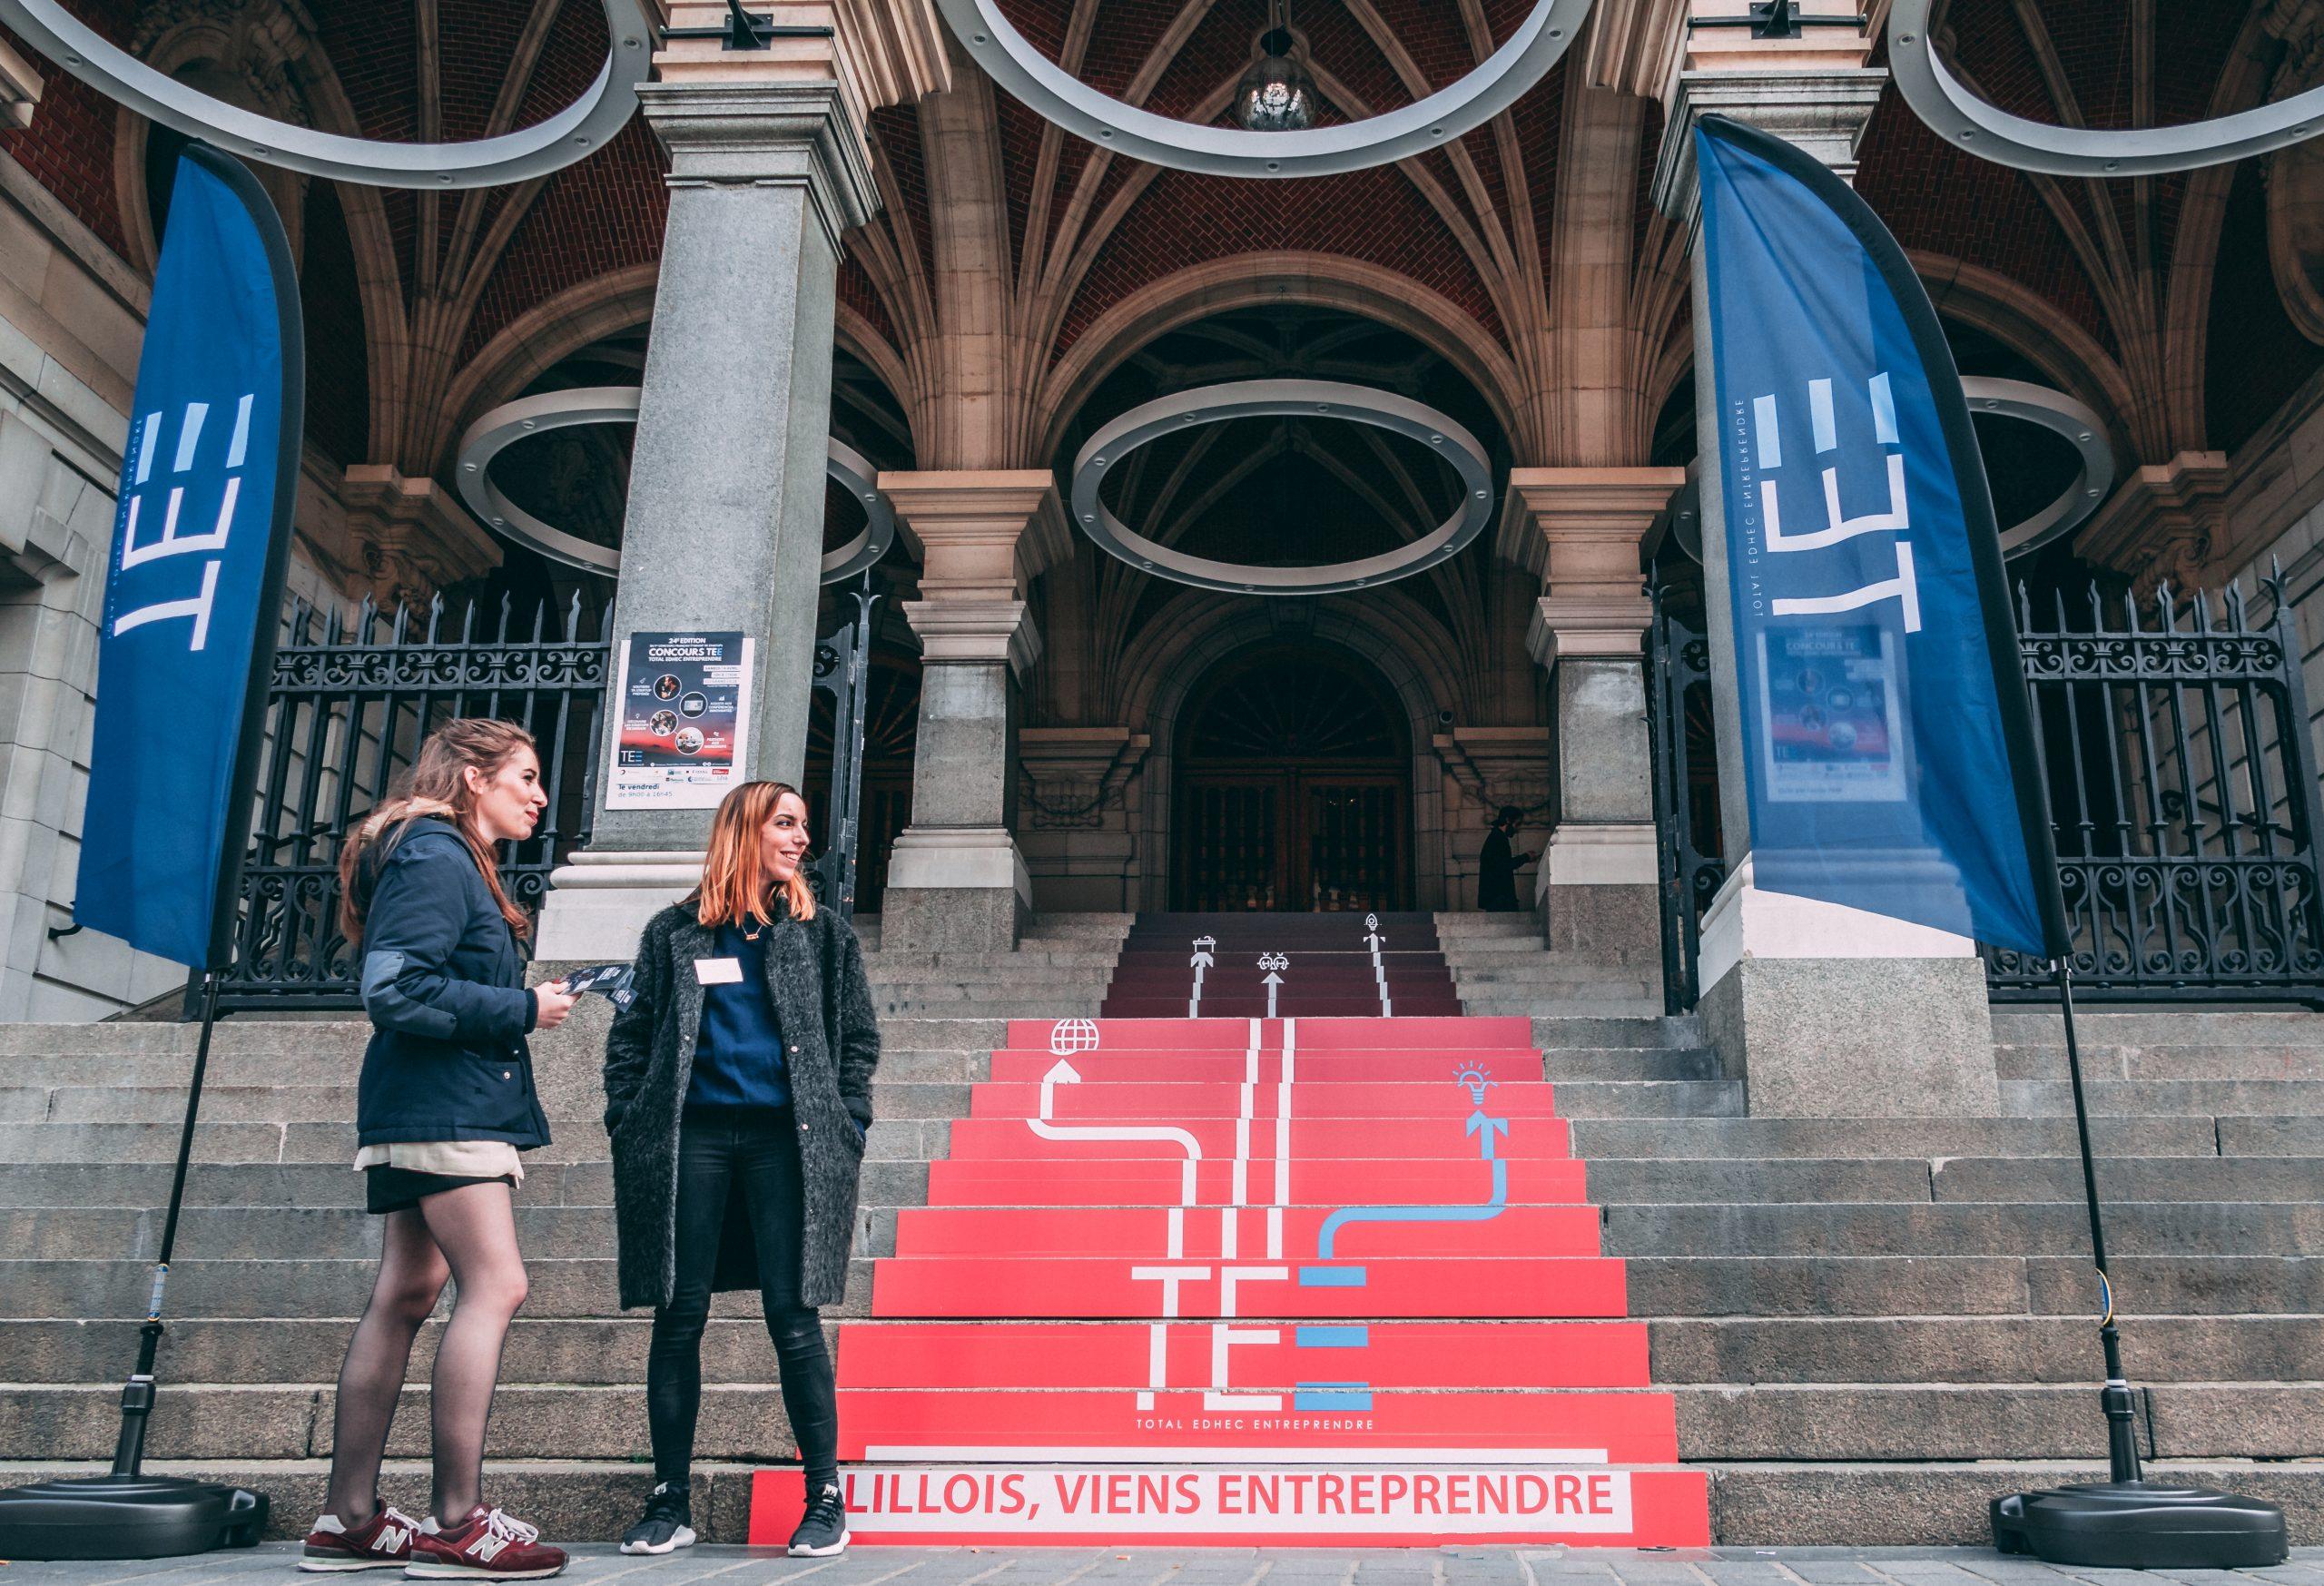 26ème édition du concours Total EDHEC Entreprendre